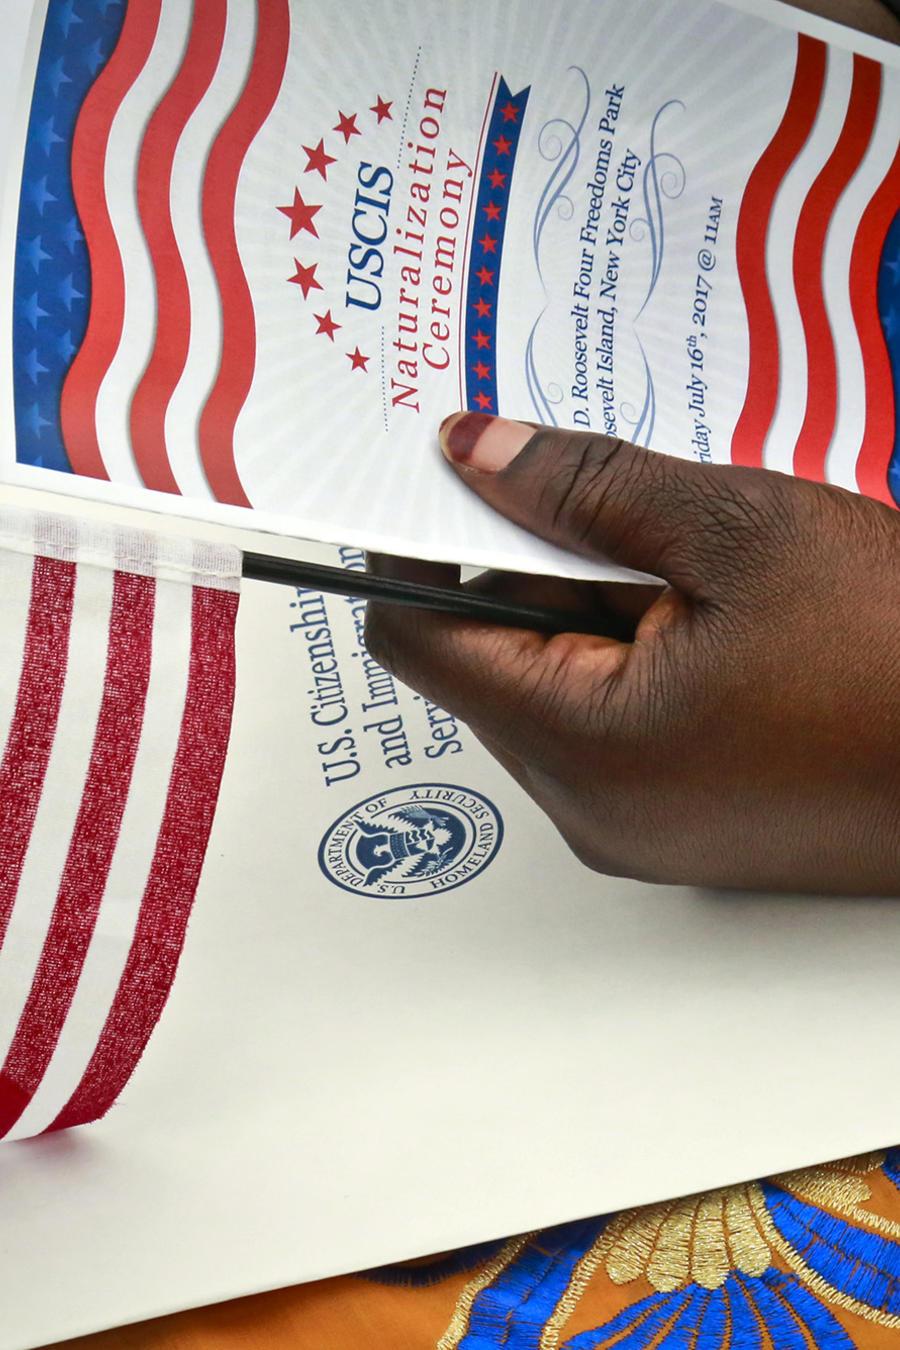 Fatoumata Jangana, de Gambia, sostiene un programa y una bandera durante la ceremonia del Servicio de Ciudadanía e Inmigración de Estados Unidos (USCIS) para cincuenta nuevos ciudadanos de veinticuatro países, el viernes 16 de junio de 2017, en Nueva York